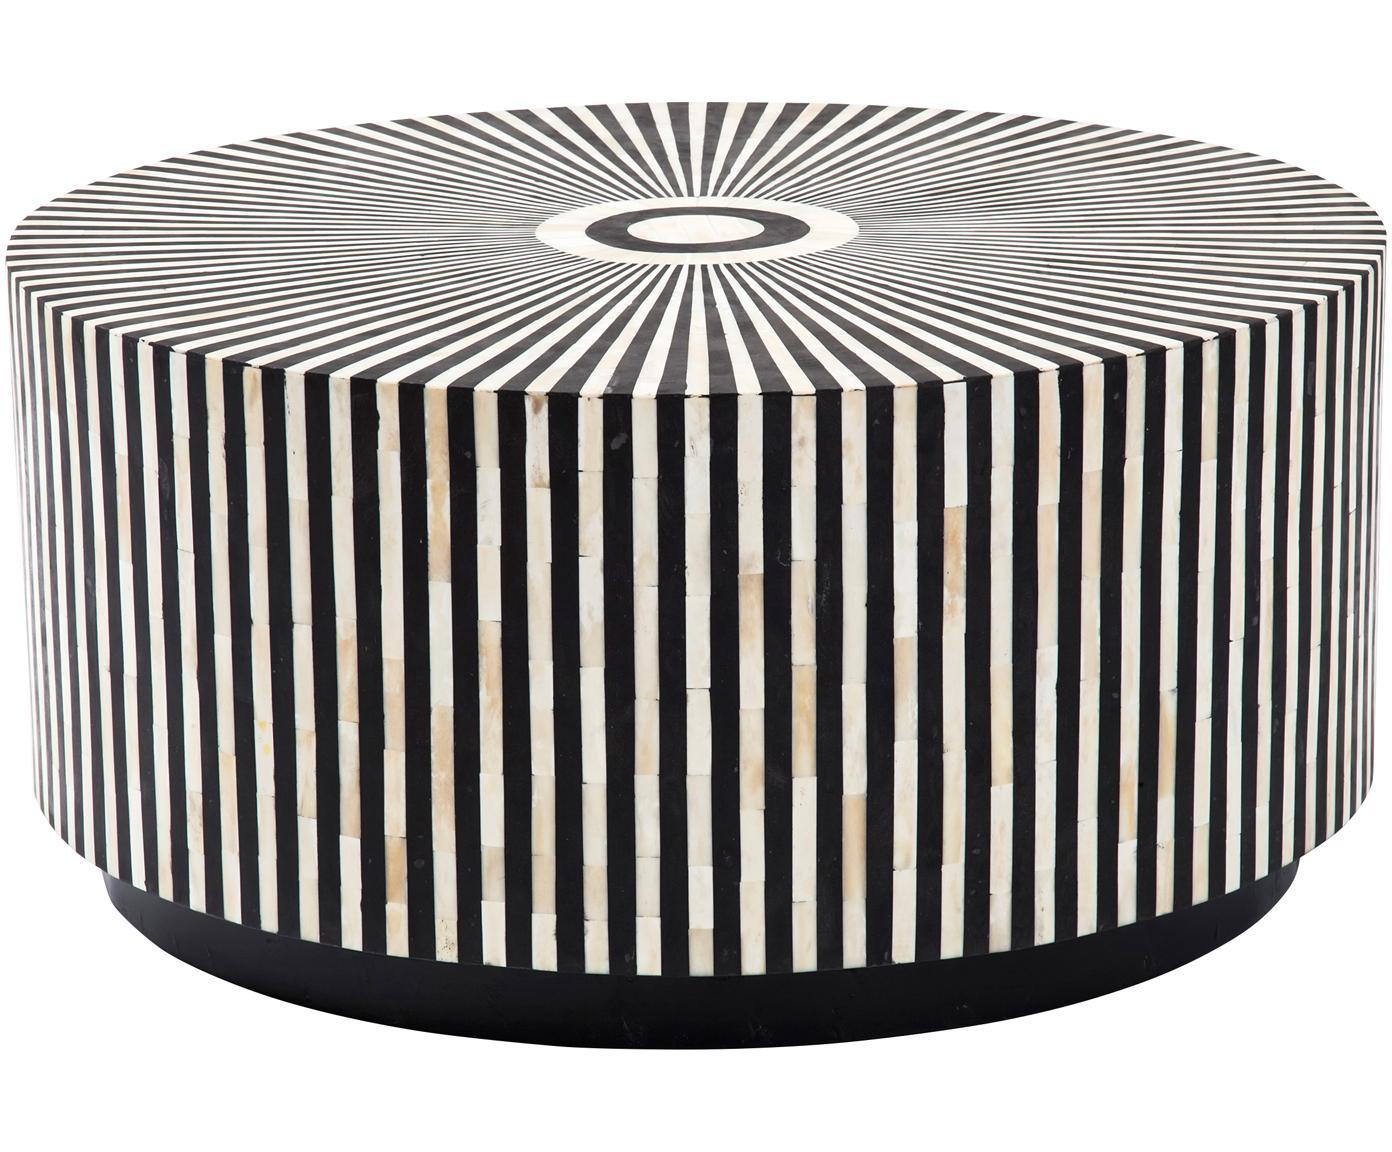 Salontafel Electra, Frame: houtvezelplaat, Zwart, wit, Ø 75 x H 35 cm